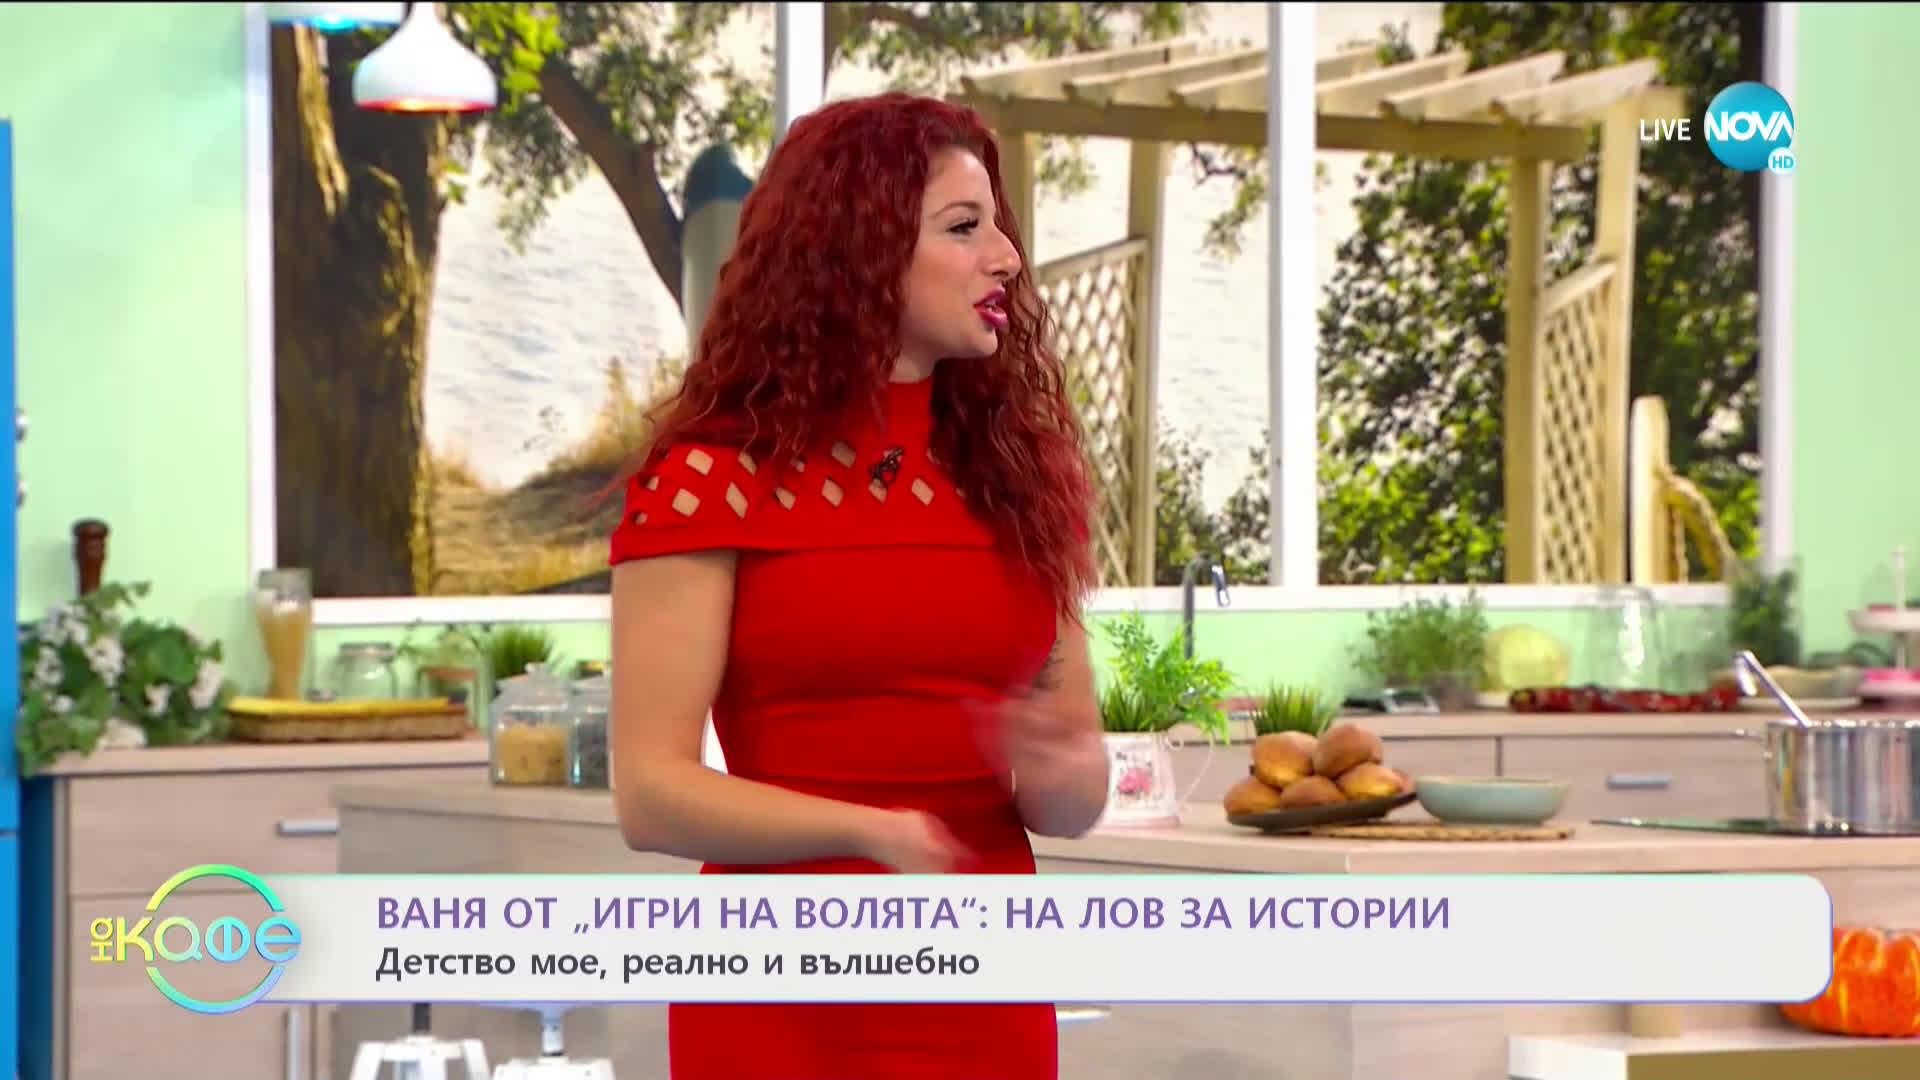 """""""На кафе"""" с Ваня от """"Игри на волята"""" (04.12.2020)"""